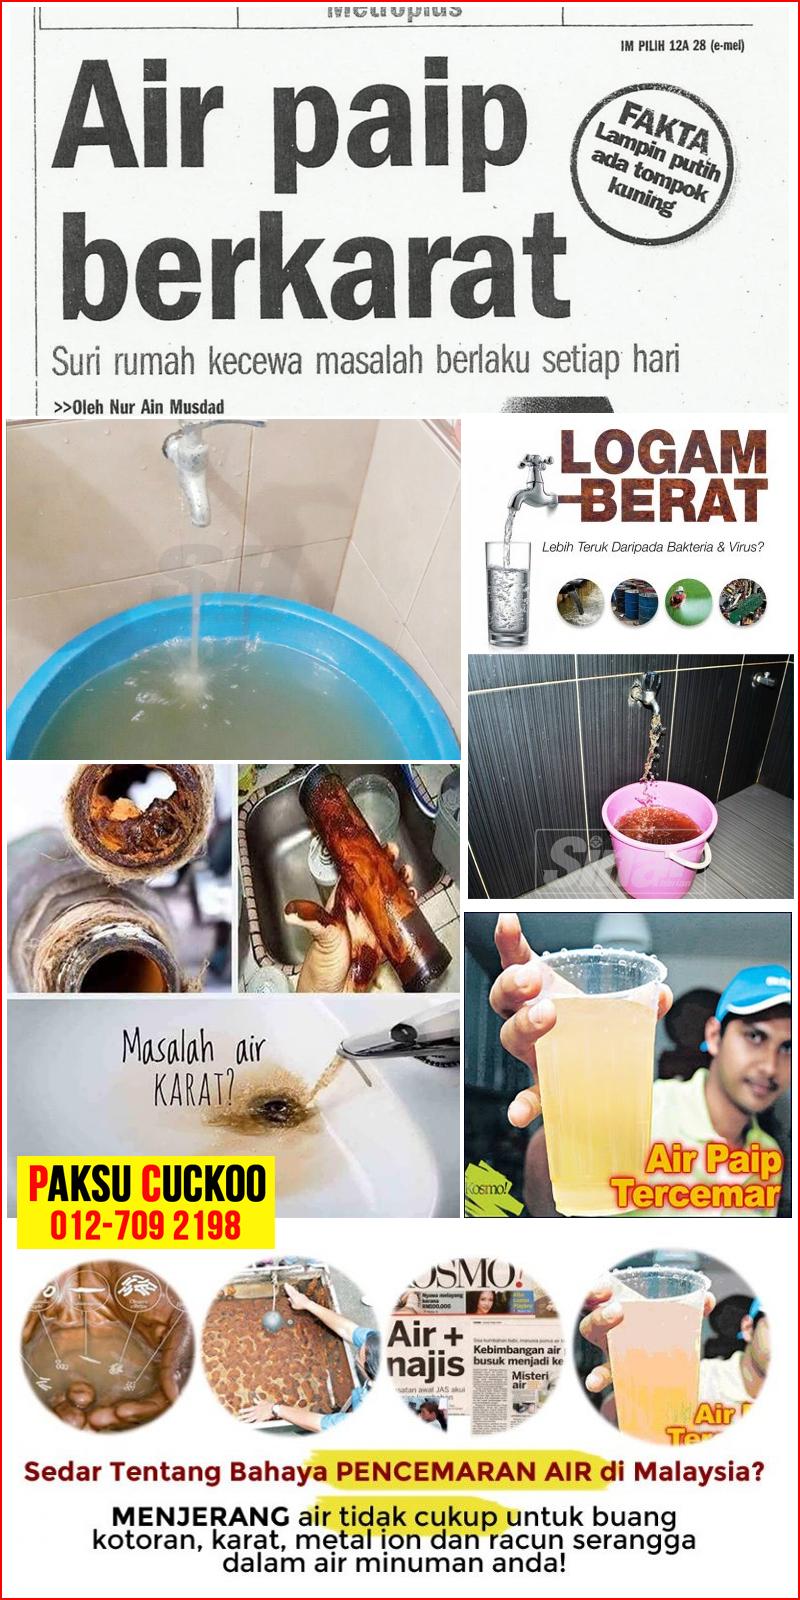 semua rumah di malaysia memerlukan cuckoo outdoor water purifier johor johor bahru mesin penulen air luar rumah untuk membersihkan air yang masuk ke dalam rumah bersih